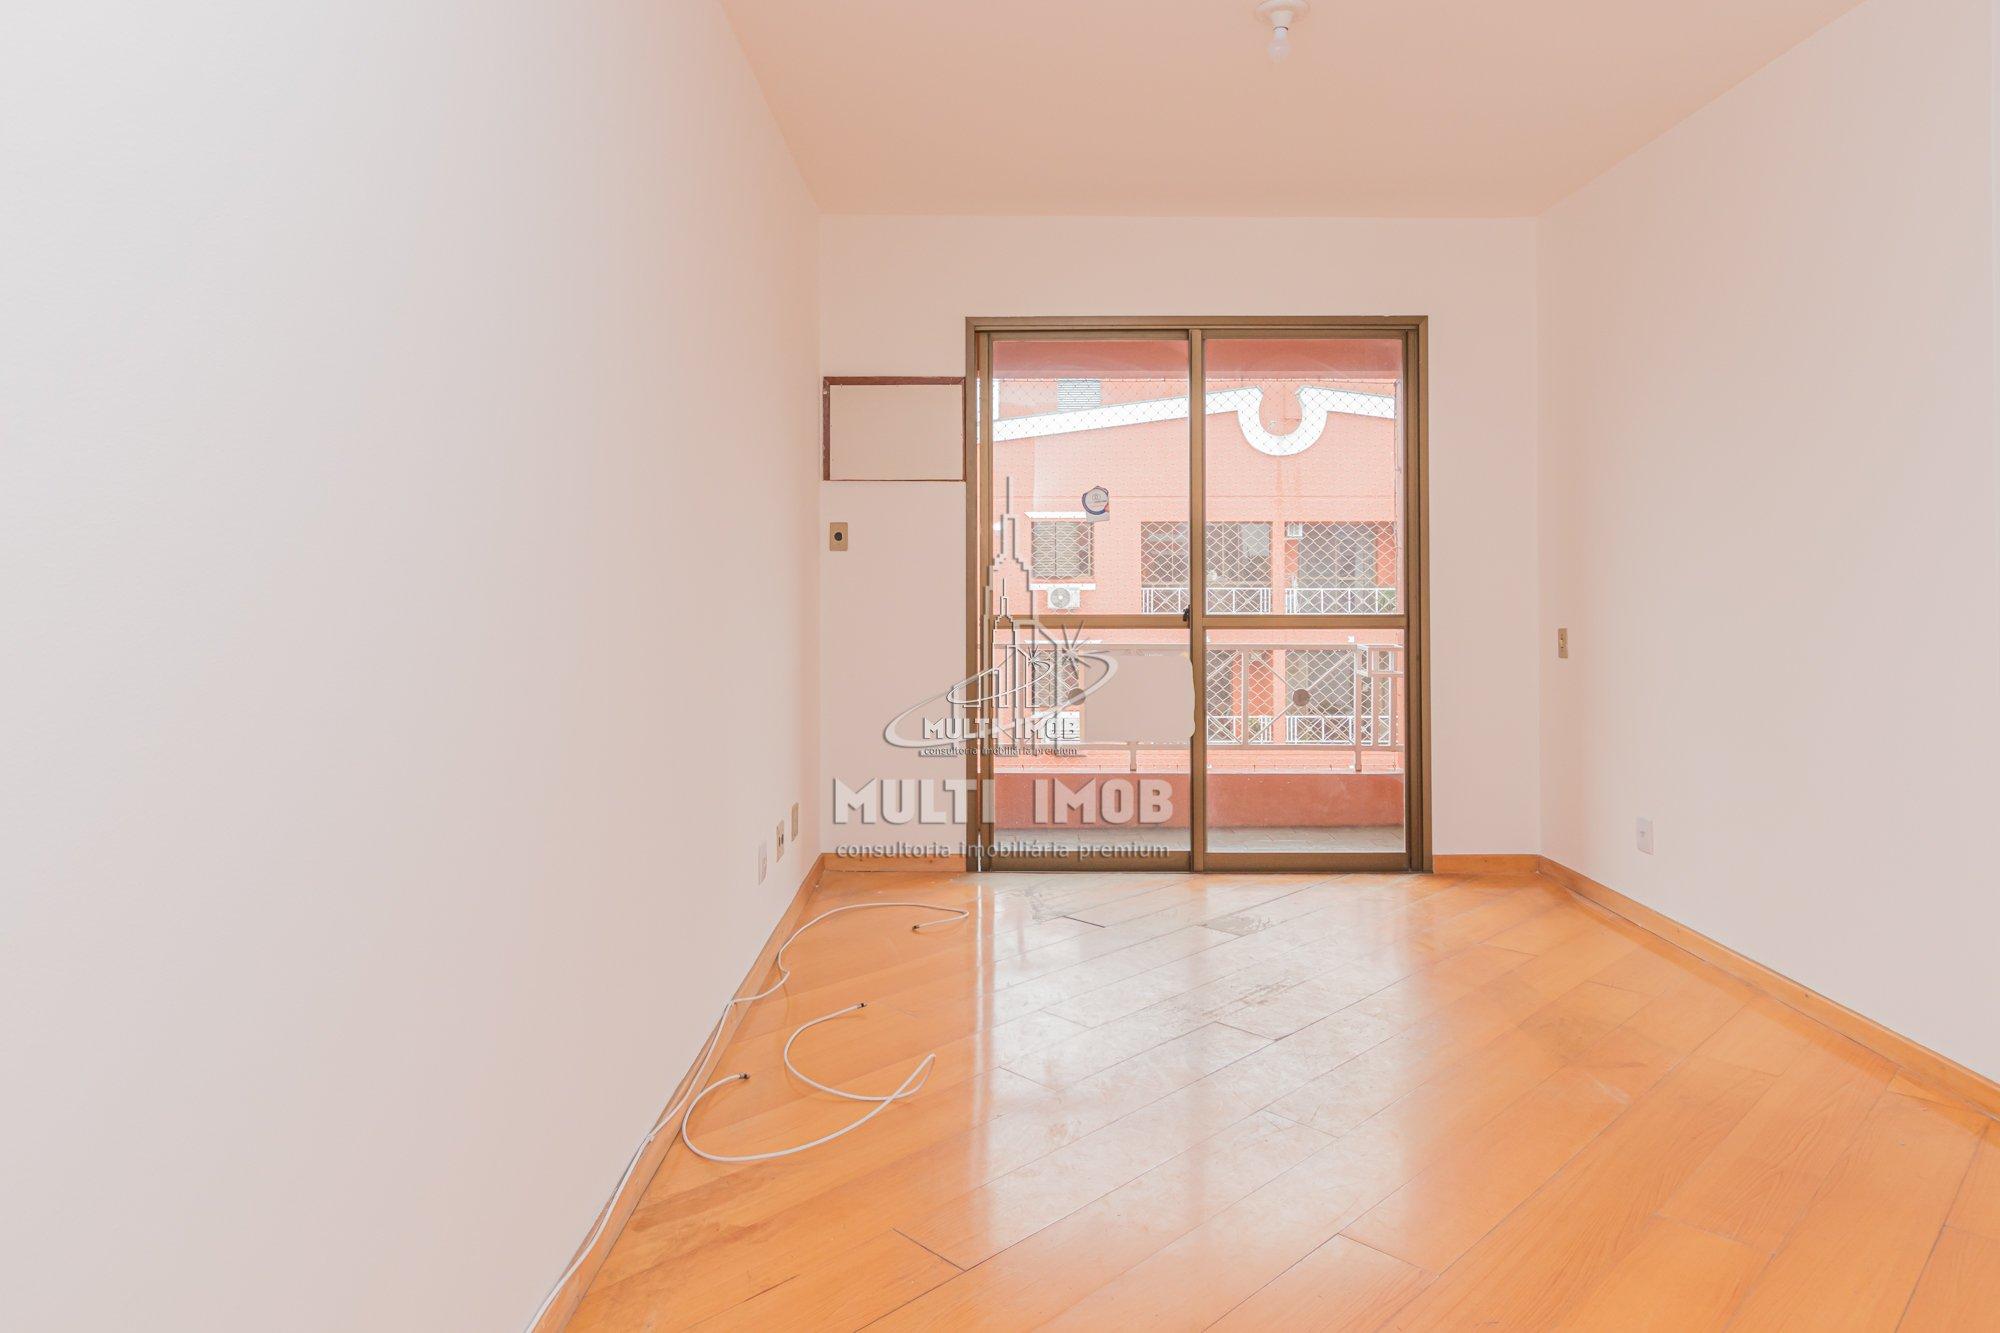 Apartamento  3 Dormitórios  1 Suíte  1 Vaga de Garagem Venda e Aluguel Bairro Chácara das Pedras em Porto Alegre RS